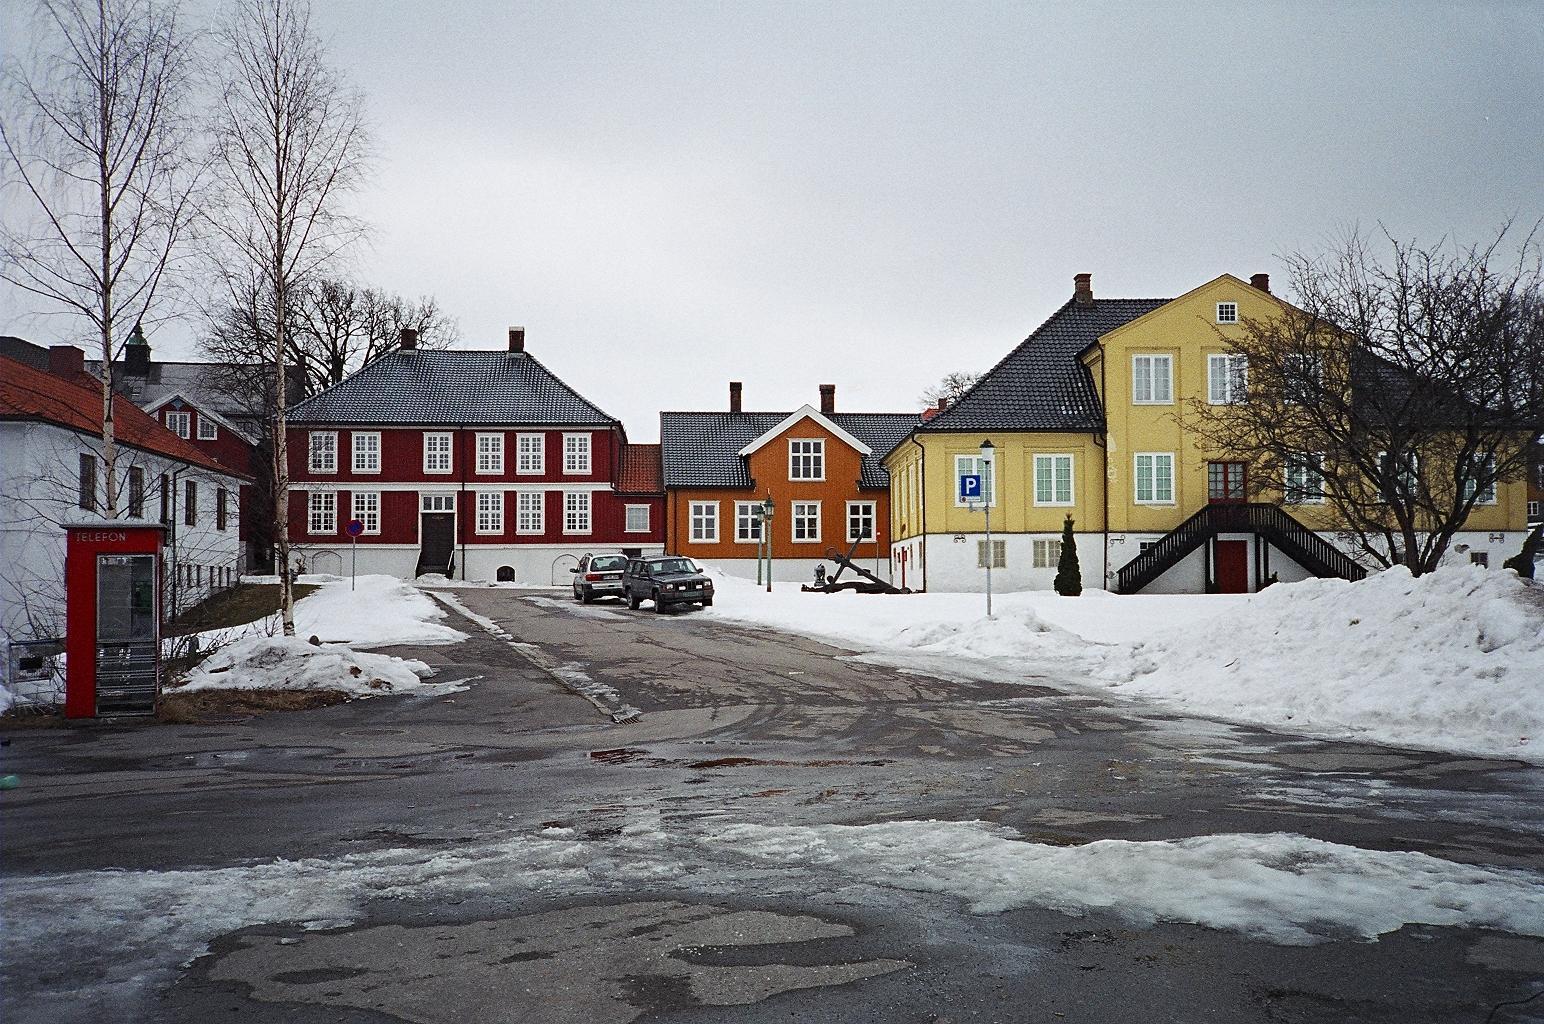 Domy na dawnej głównej ulicy miasta Larvik - Storgata (obecnie Kirkestredet)